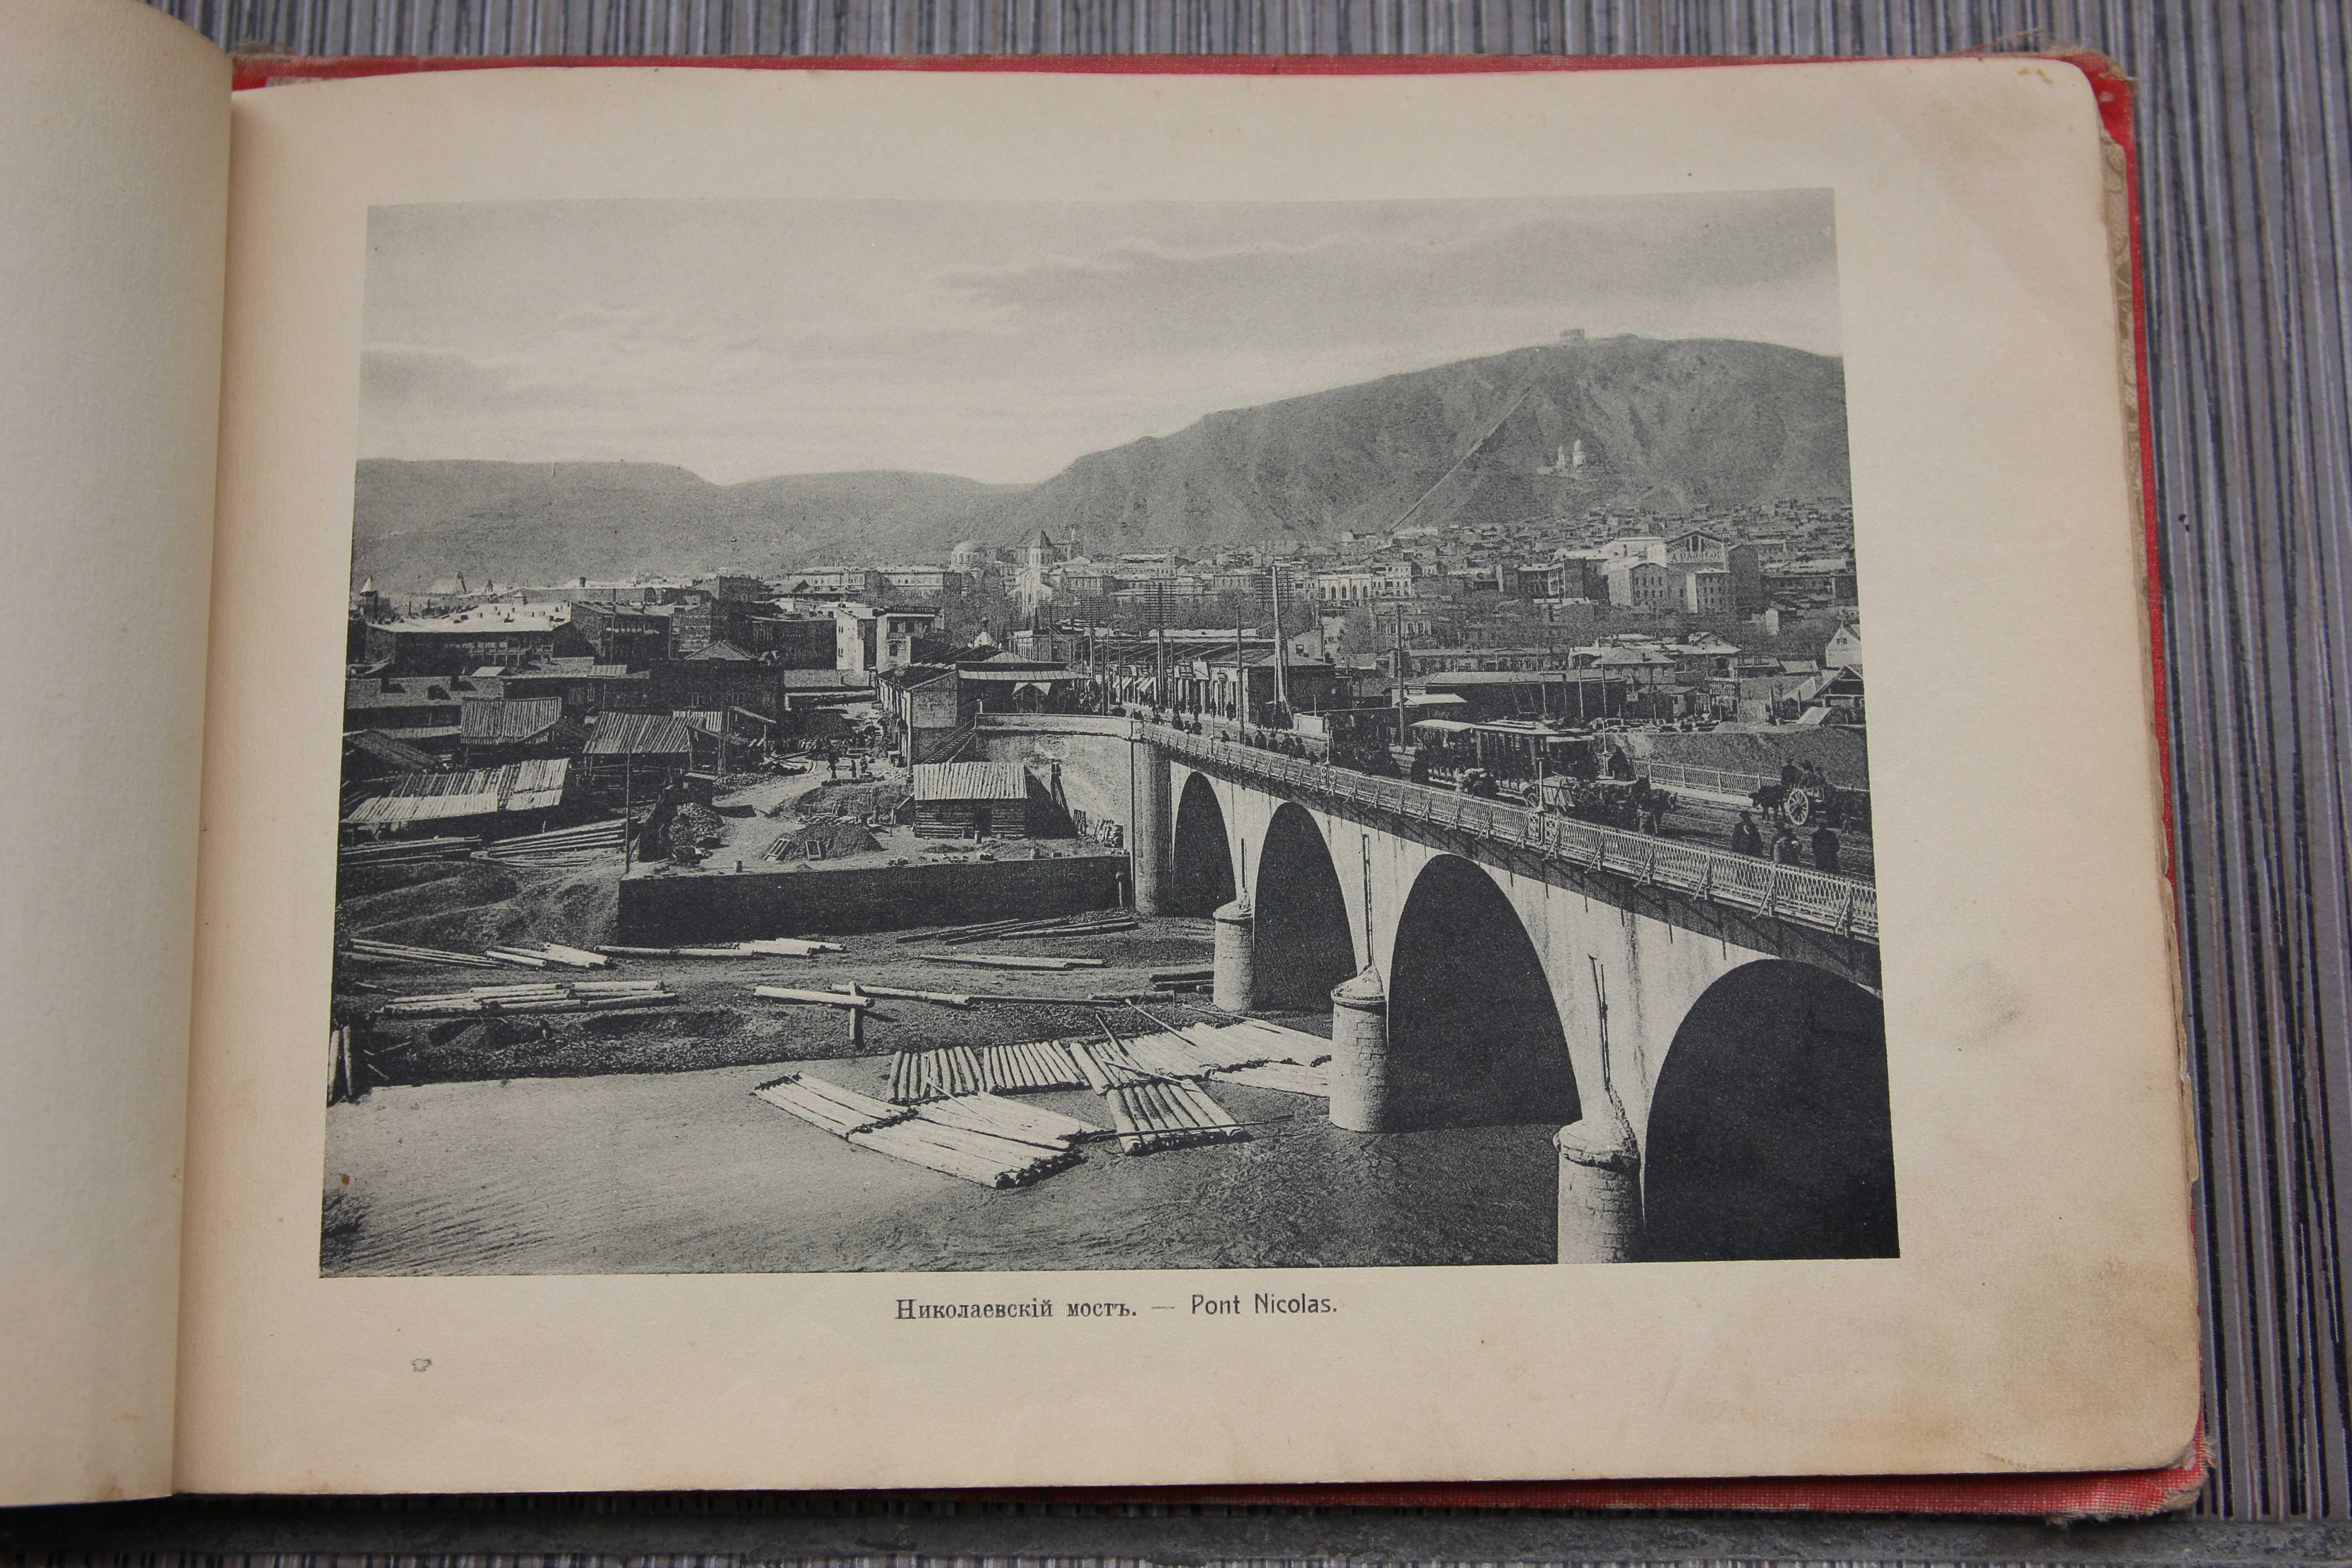 Николаевский мост в Тифлисе. Старый фотоальбом. Сорин жил на той стороне реки, что видна на фото, Судейкины - на противоположной.